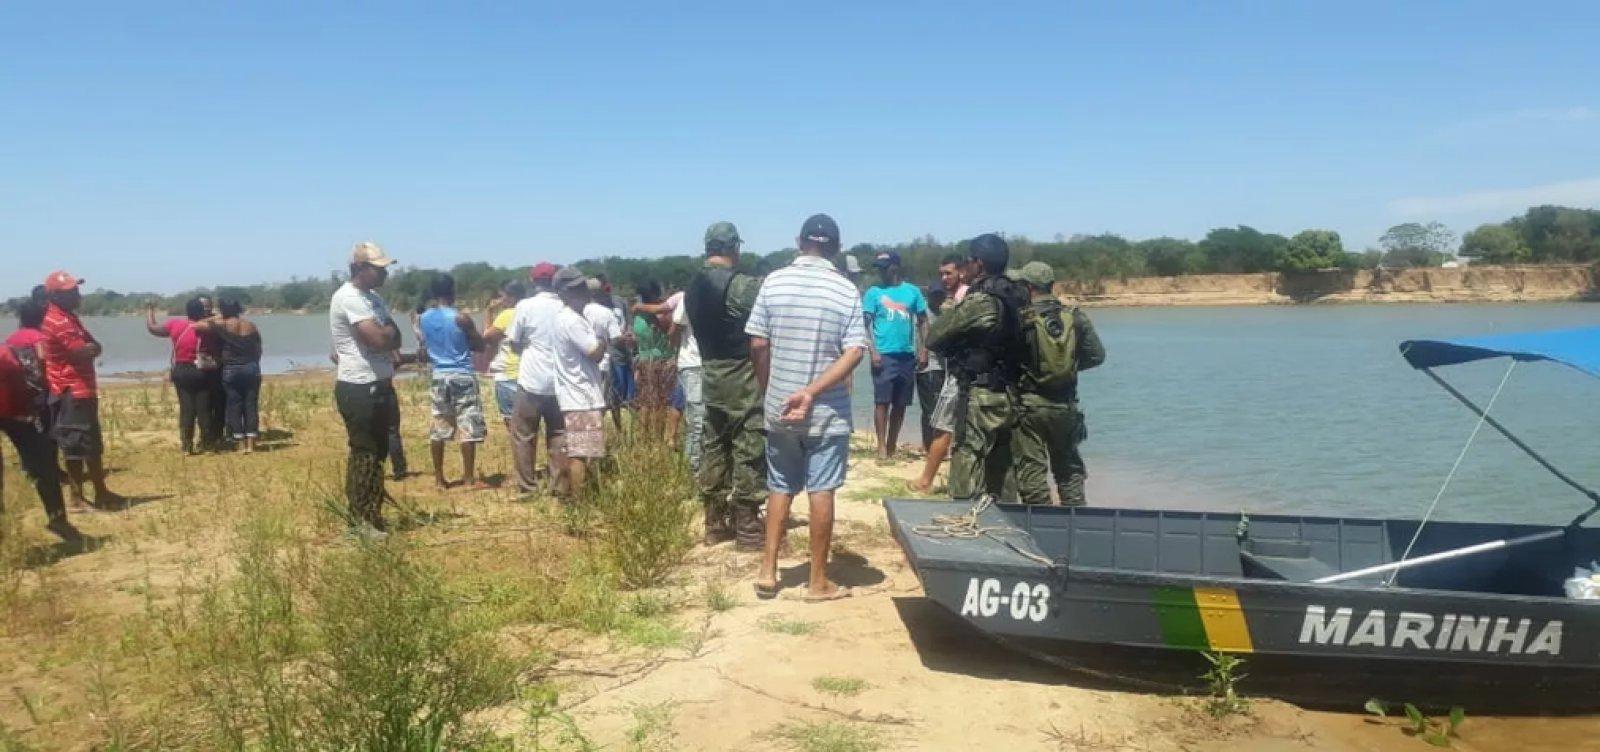 Quatro pessoas da mesma família desaparecem após entrarem no Rio São Francisco